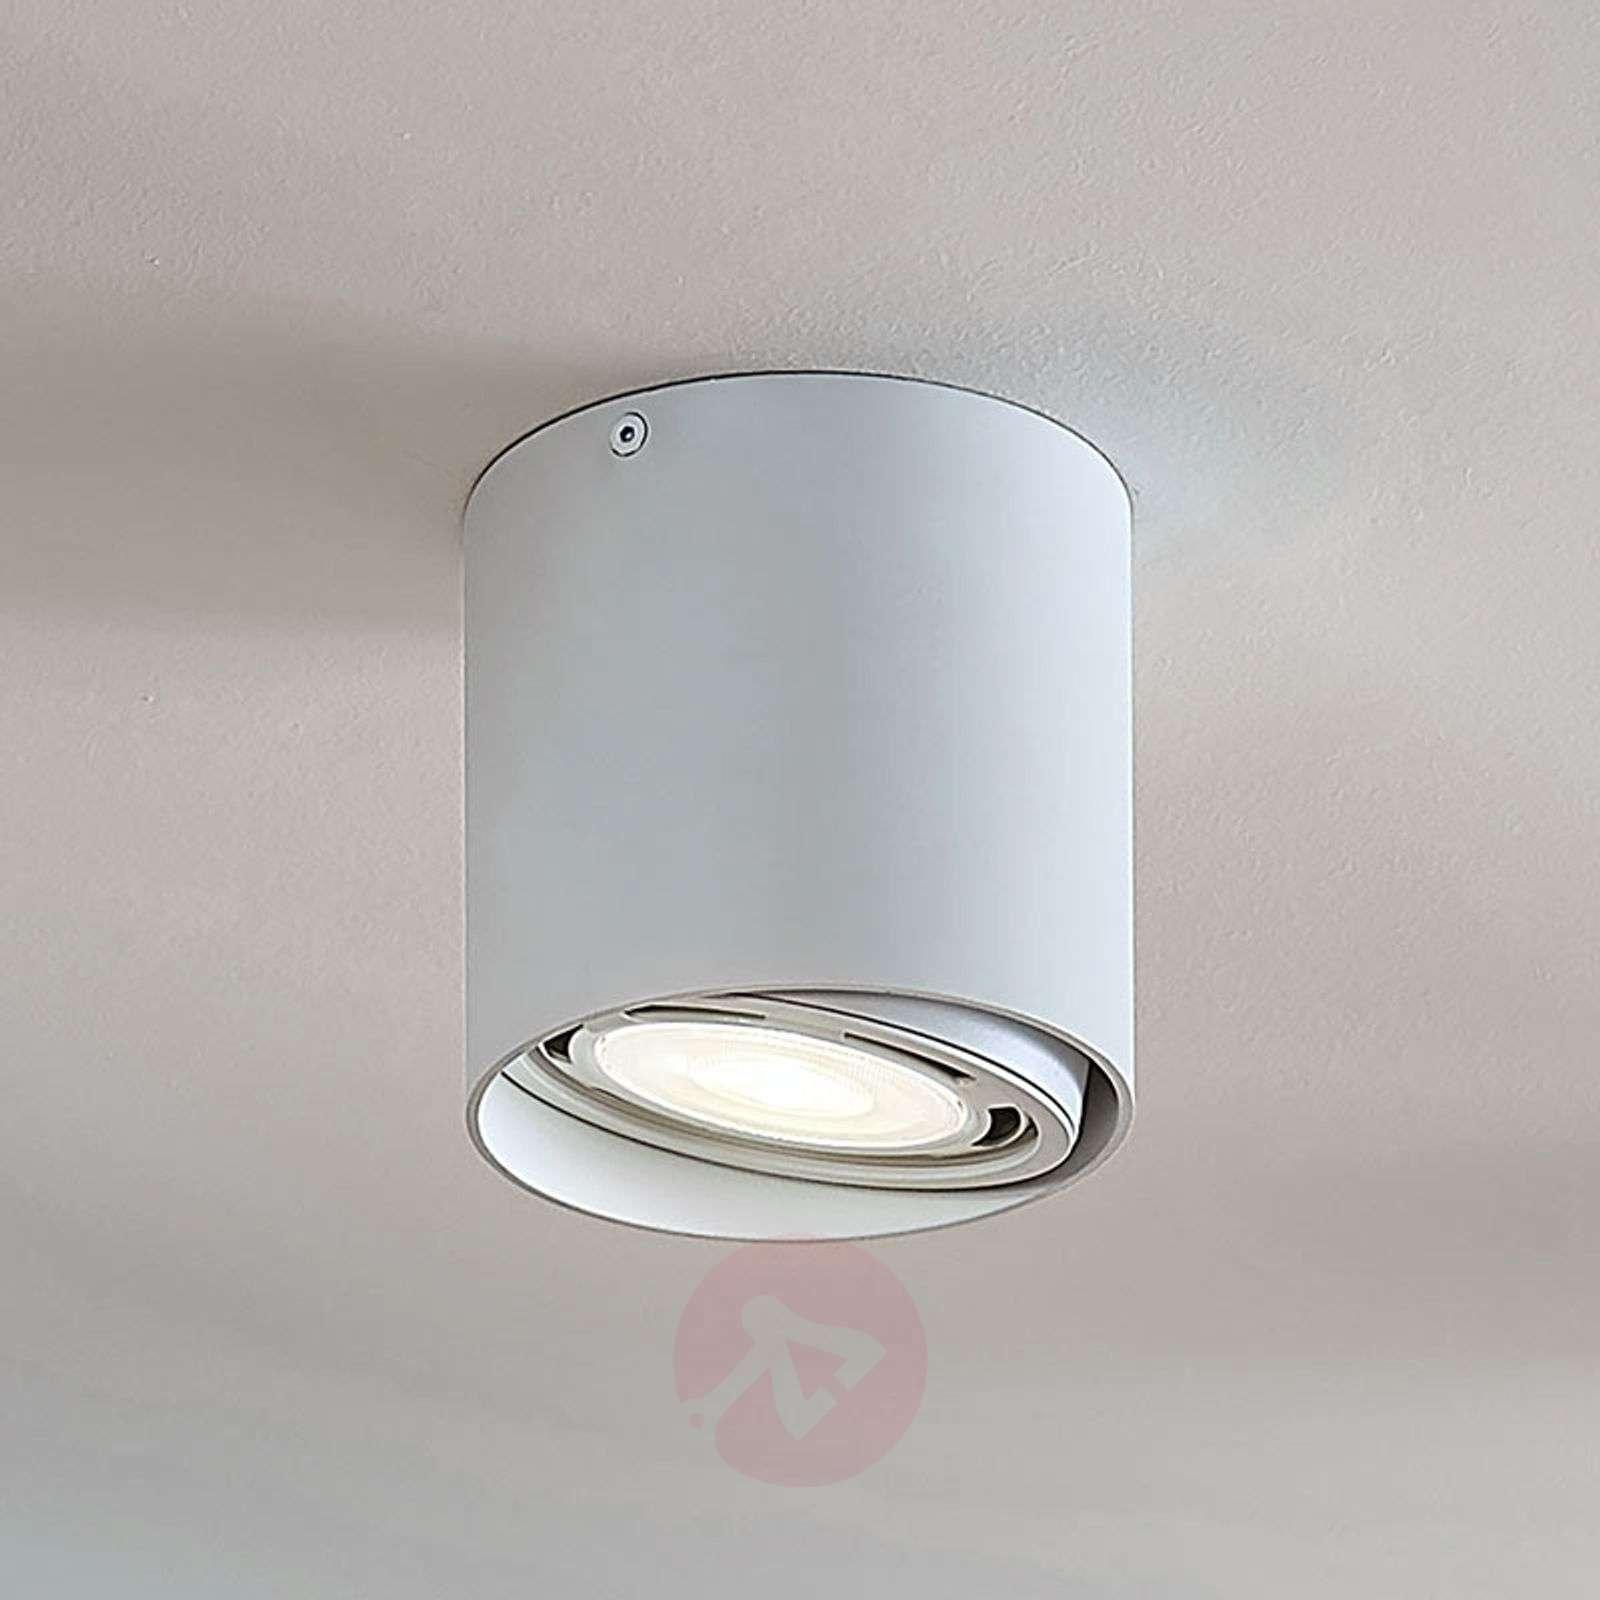 LED-alasvalo Rosalie 1-lamp., pyöreä, valkoinen-9621905-02